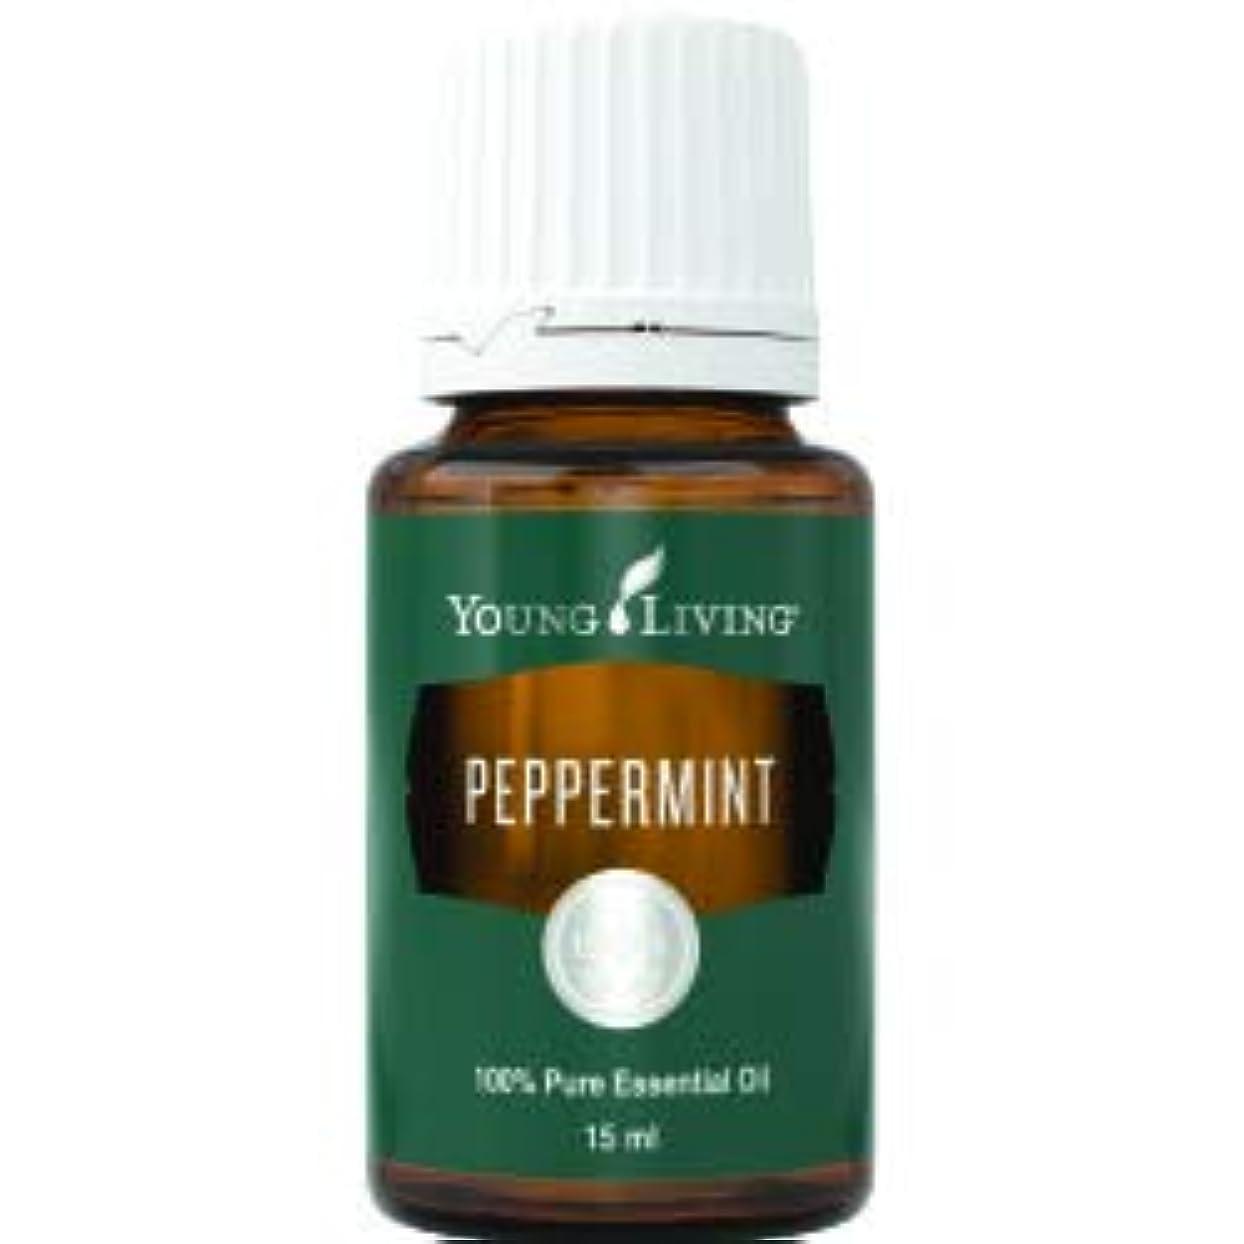 ご覧くださいスカウト壮大ペパーミントエッセンシャルオイル15ml by Young Livingエッセンシャルオイルマレーシア Peppermint Essential Oil 15ml by Young Living Essential Oil...